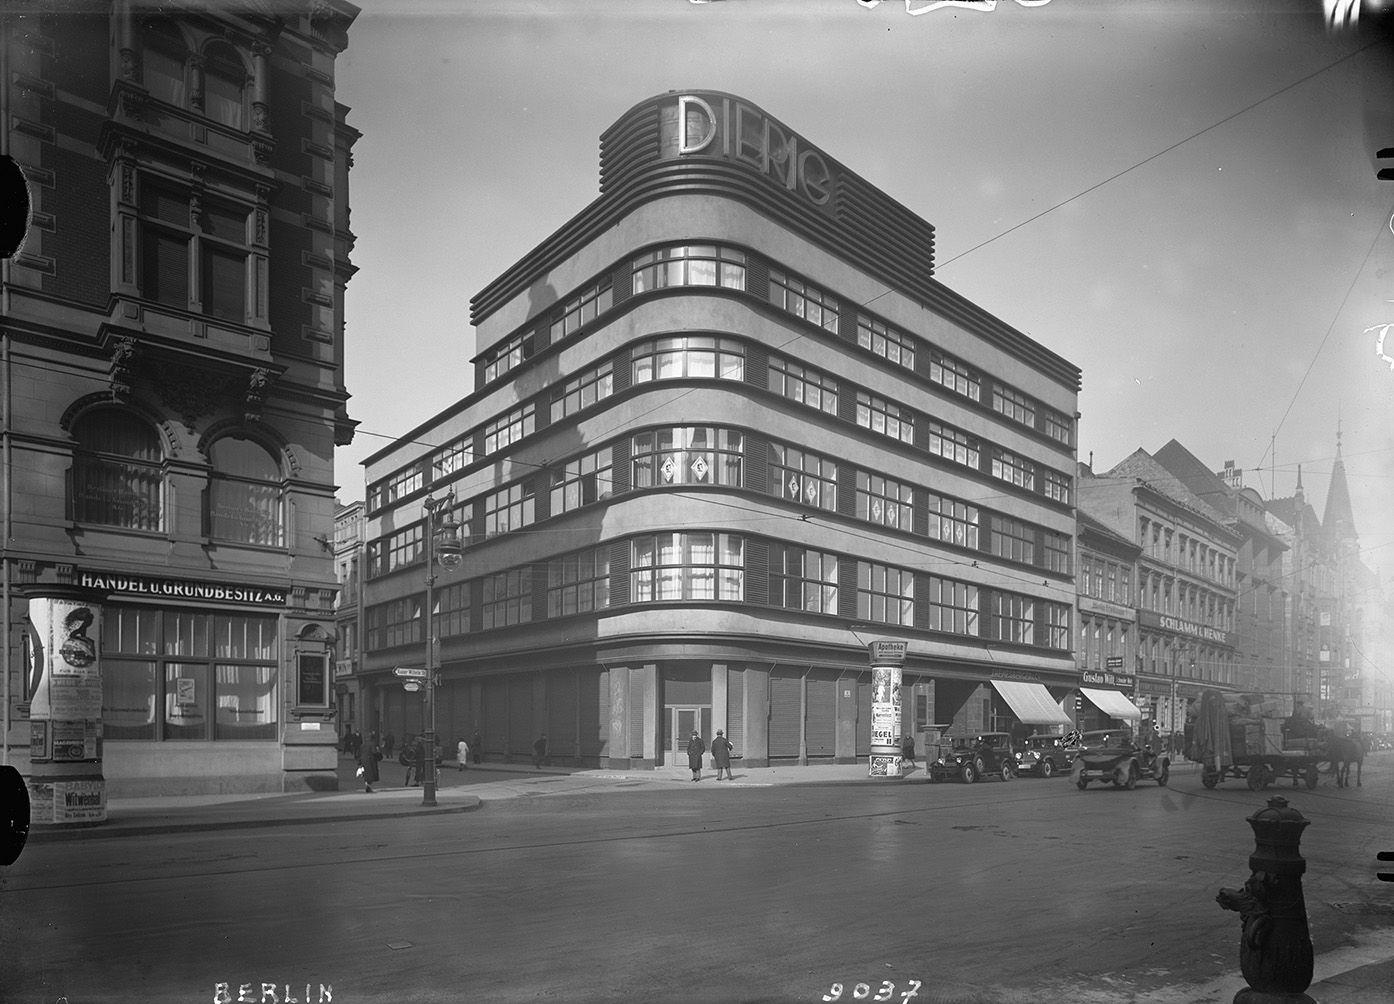 Berlin. Kaiser-Wilhelm-Strasse, Ecke Spandauer Straße.  Geschaeftshaus Dierig Otto Rudolf Salvisberg. 1928